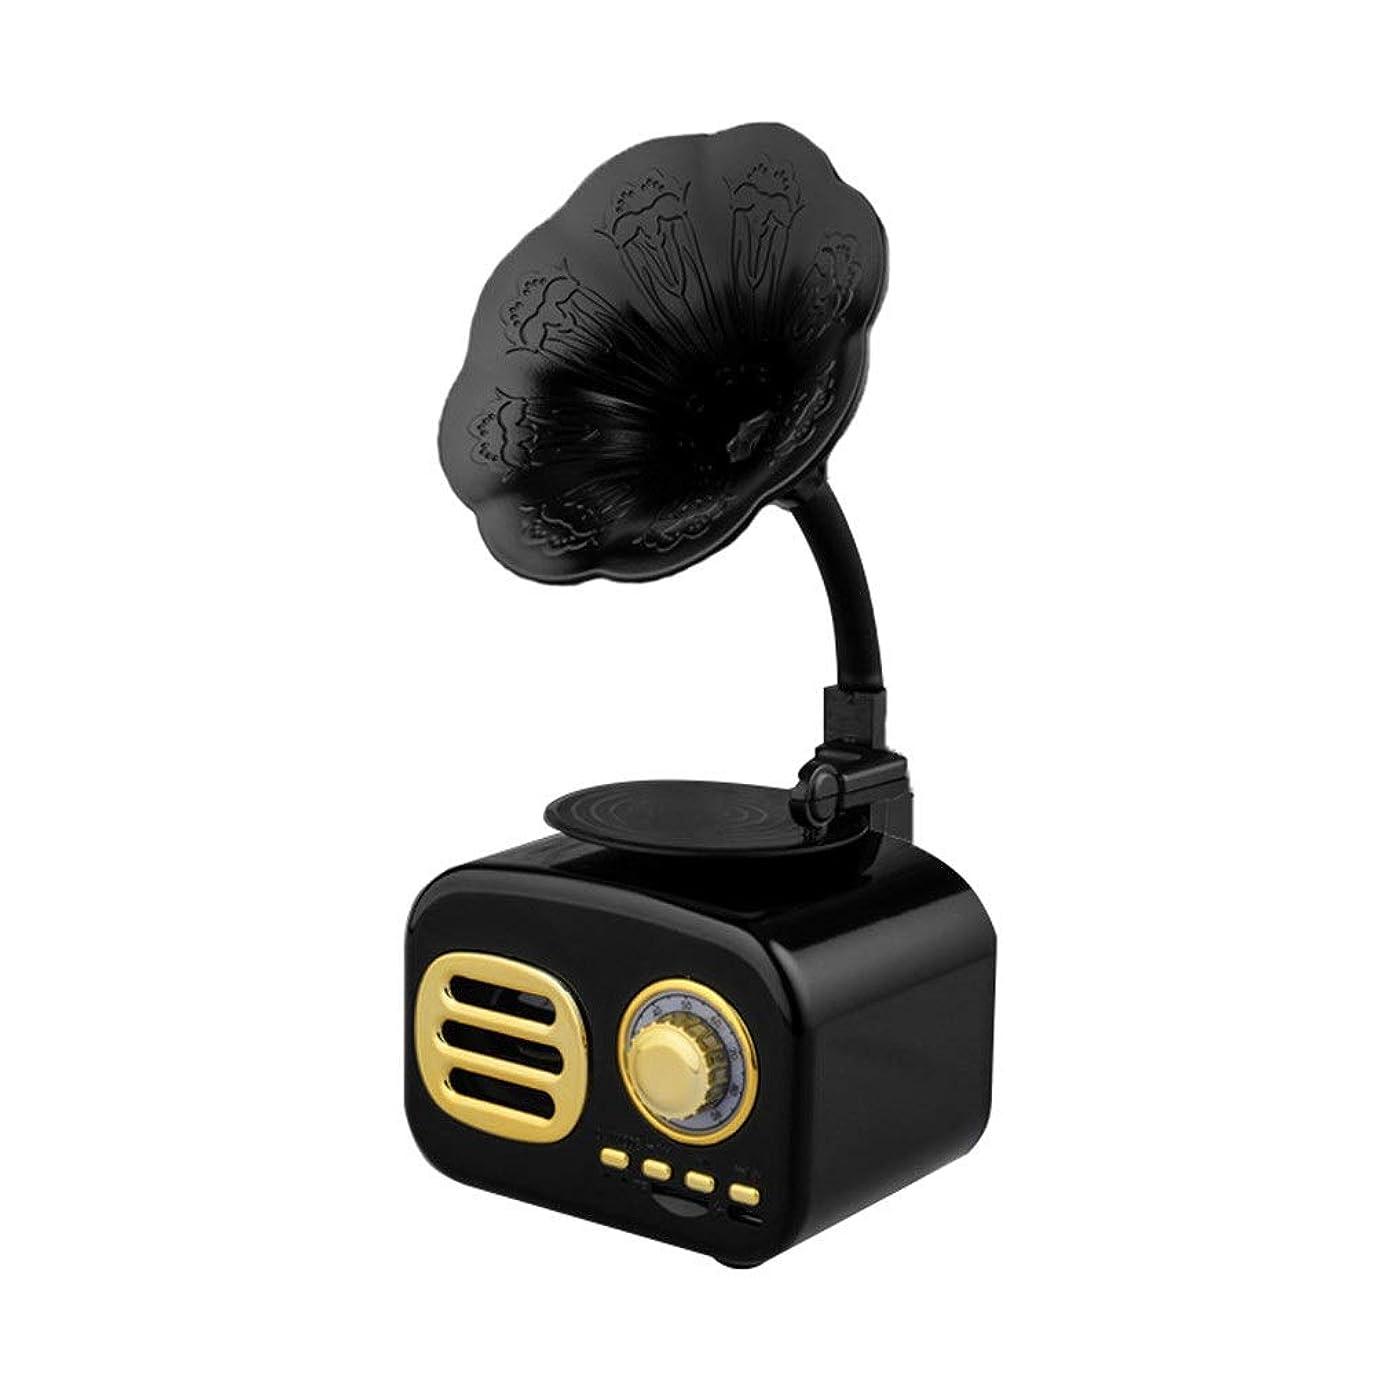 パノラマしゃがむスイス人アンティークブルートゥーススピーカー レトロな蓄音機のジュークボックスヴィンテージラジオワイヤレスステレオレトロスピーカーFMラジオ付きブルートゥーススピーカーラジオミニポータブルブルートゥースヴィンテージスピーカー付きブルートゥース4.1ウッドラジオ音声プロンプト機能32GB USB 簡単操作 音楽プレイヤー (色 : ブラック)